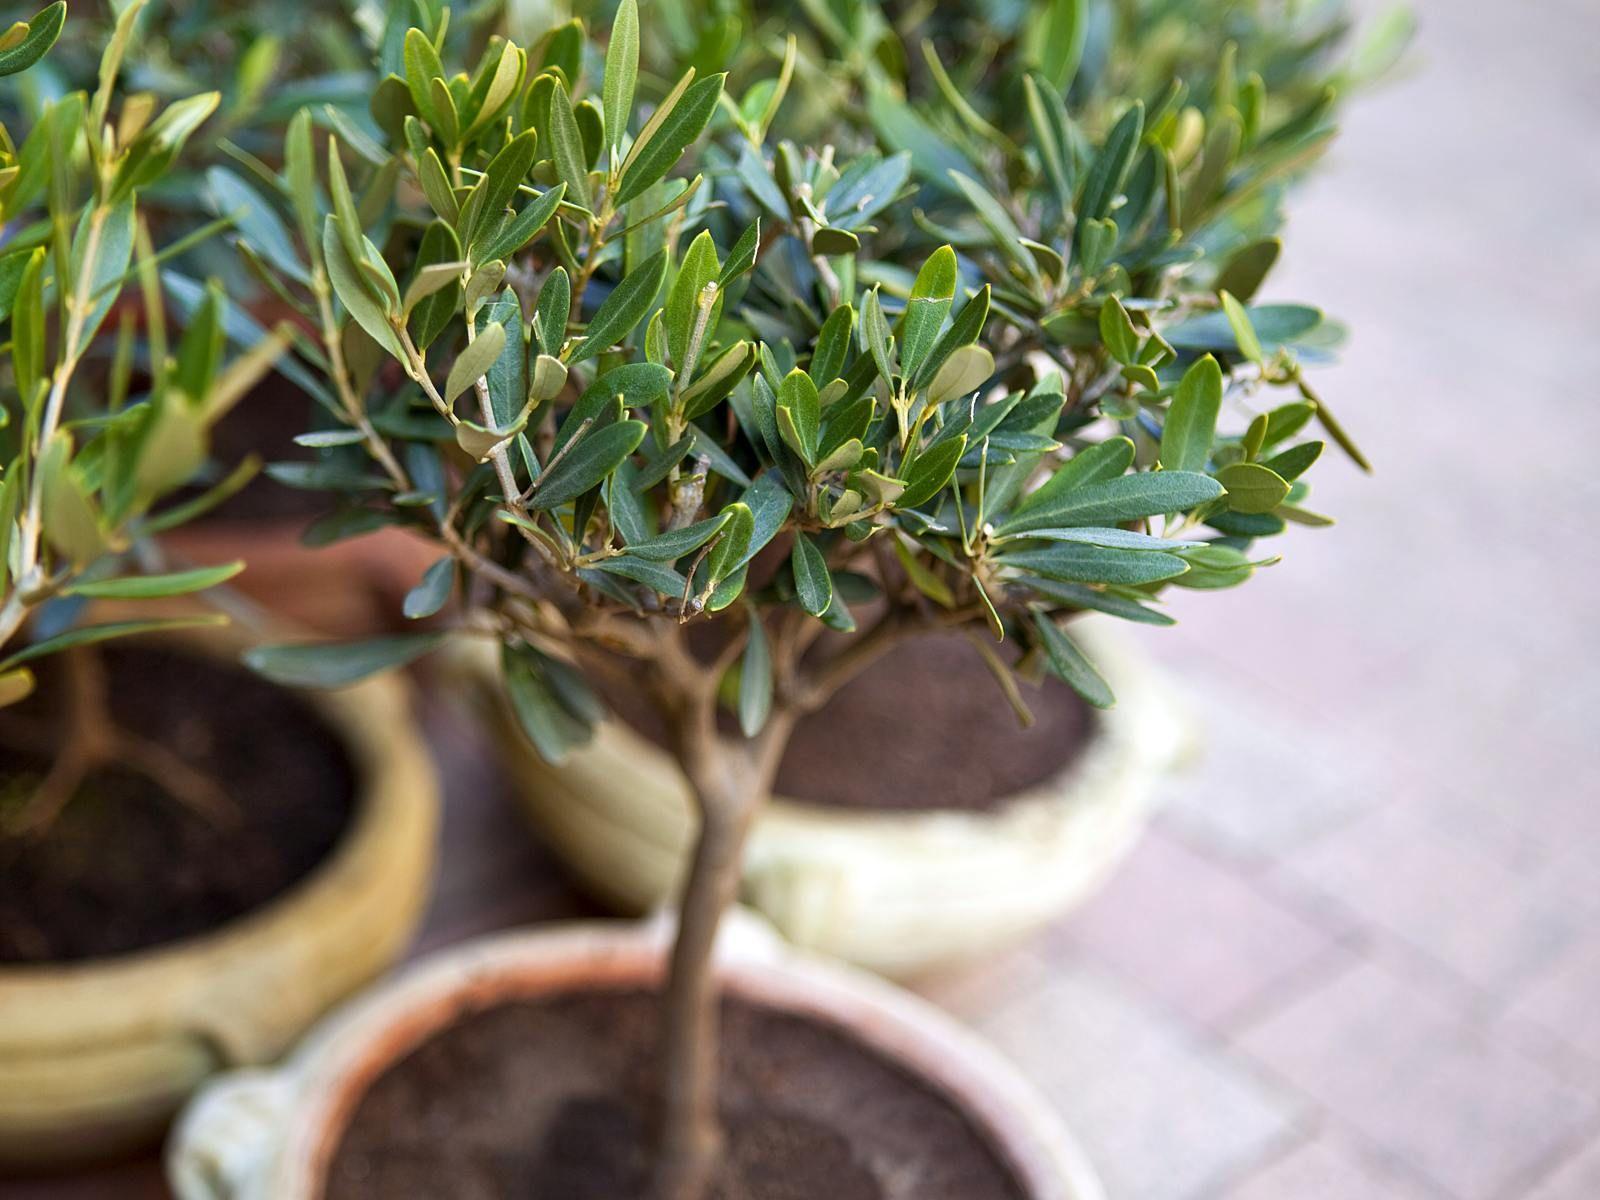 Olivenbaum Uberwintern 10 Tipps Zur Richtigen Pflege In 2020 Olivenbaum Uberwintern Olivenbaum Mediterrane Pflanzen